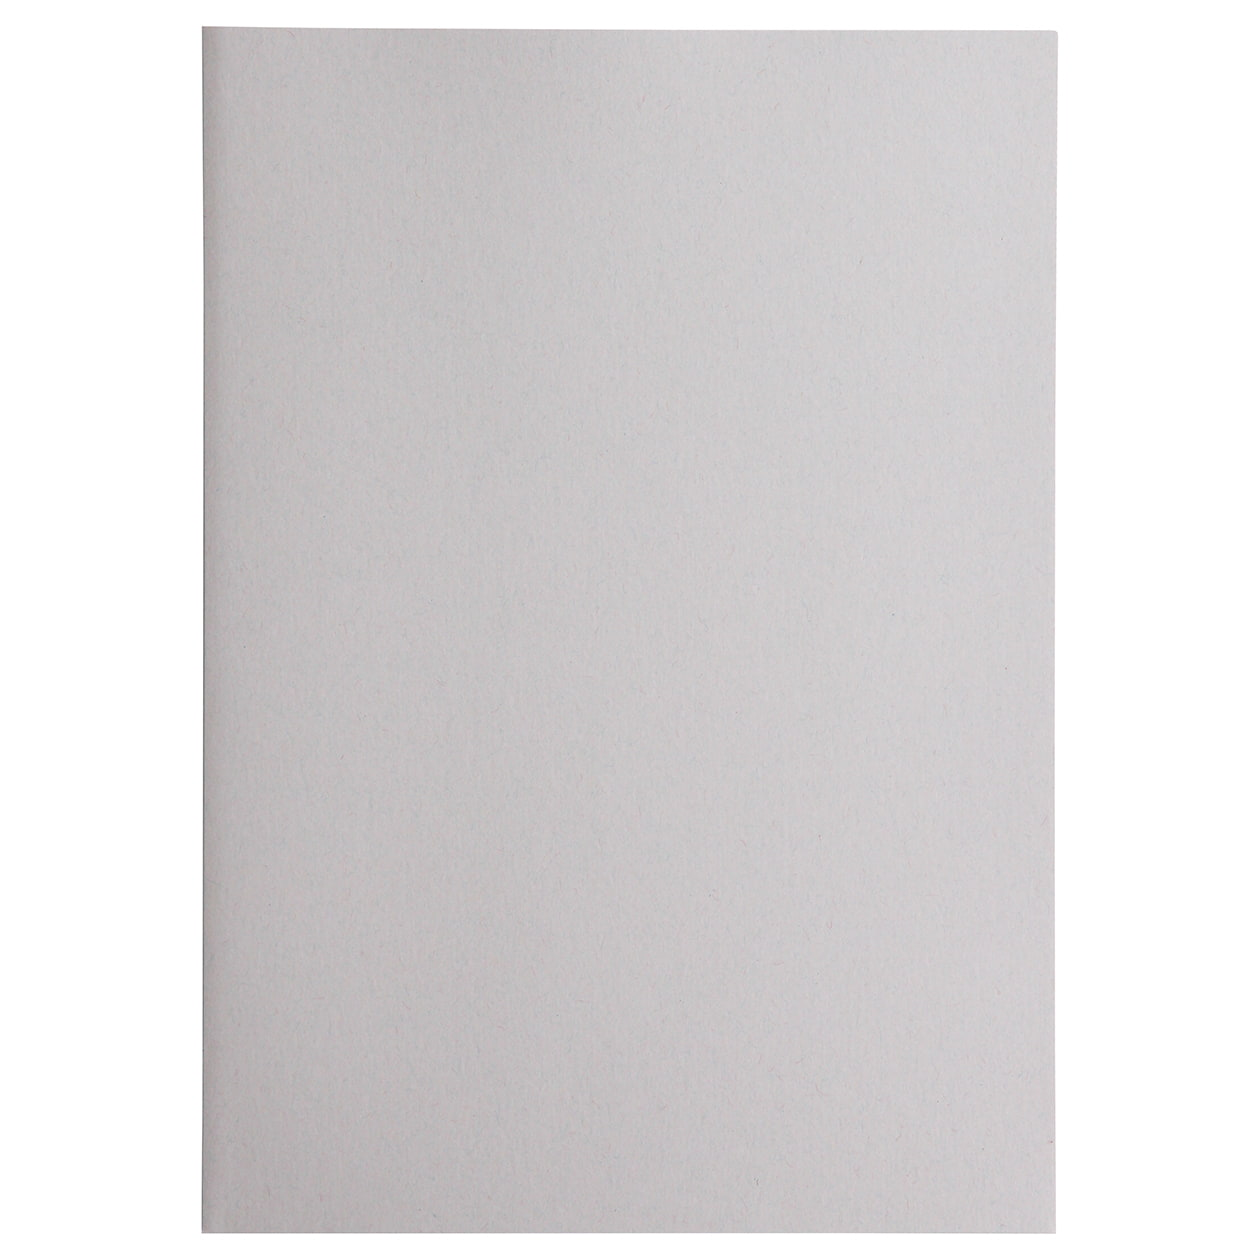 A4ファイル HAGURUMA Basic ライナーグレイ 150g